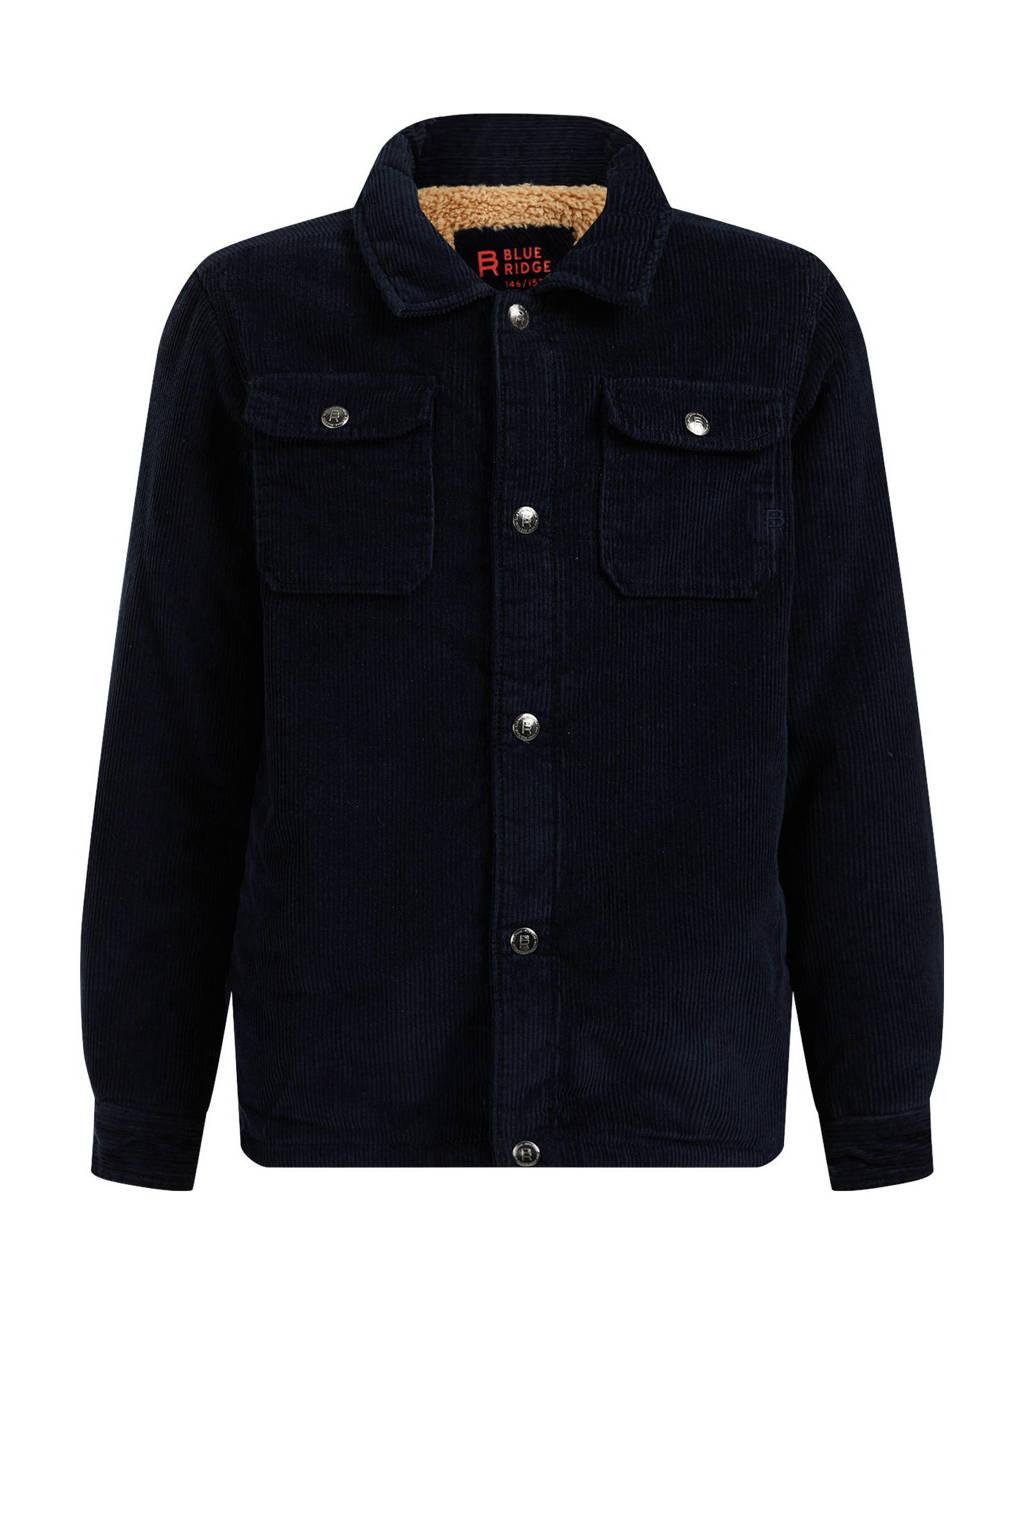 WE Fashion Blue Ridge corduroy jack donkerblauw, Donkerblauw